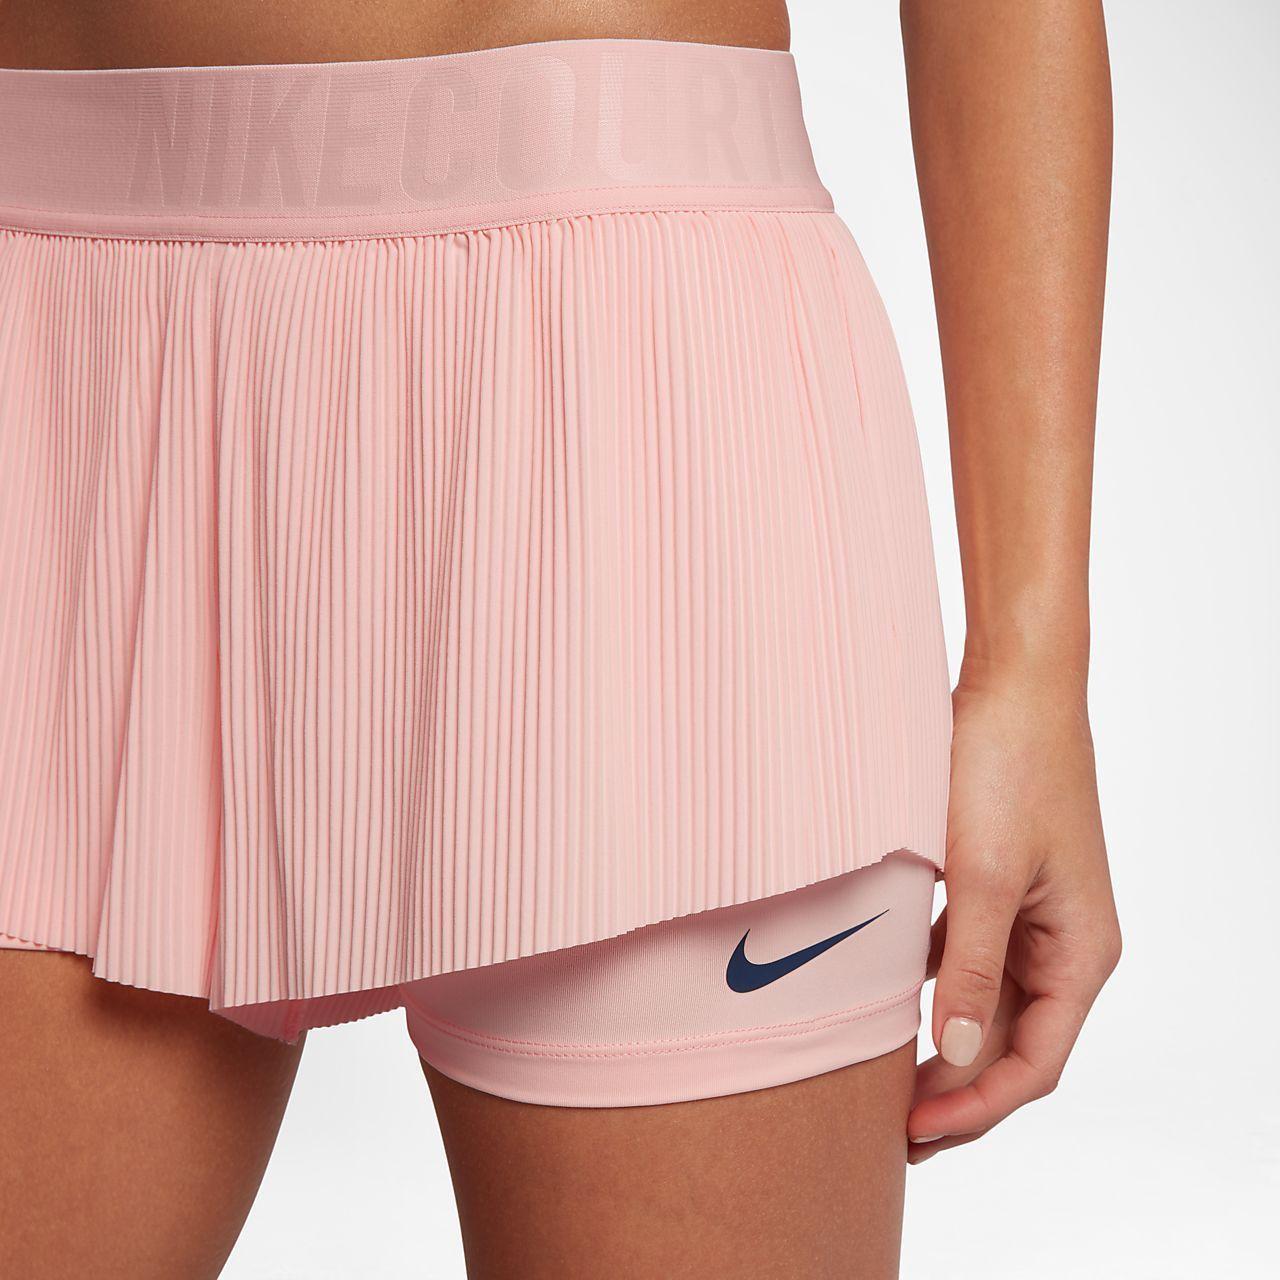 Nikecourt Flex Maria Women S Tennis Shorts In 2020 Tennis Outfit Women Tennis Fashion Gym Wear For Women